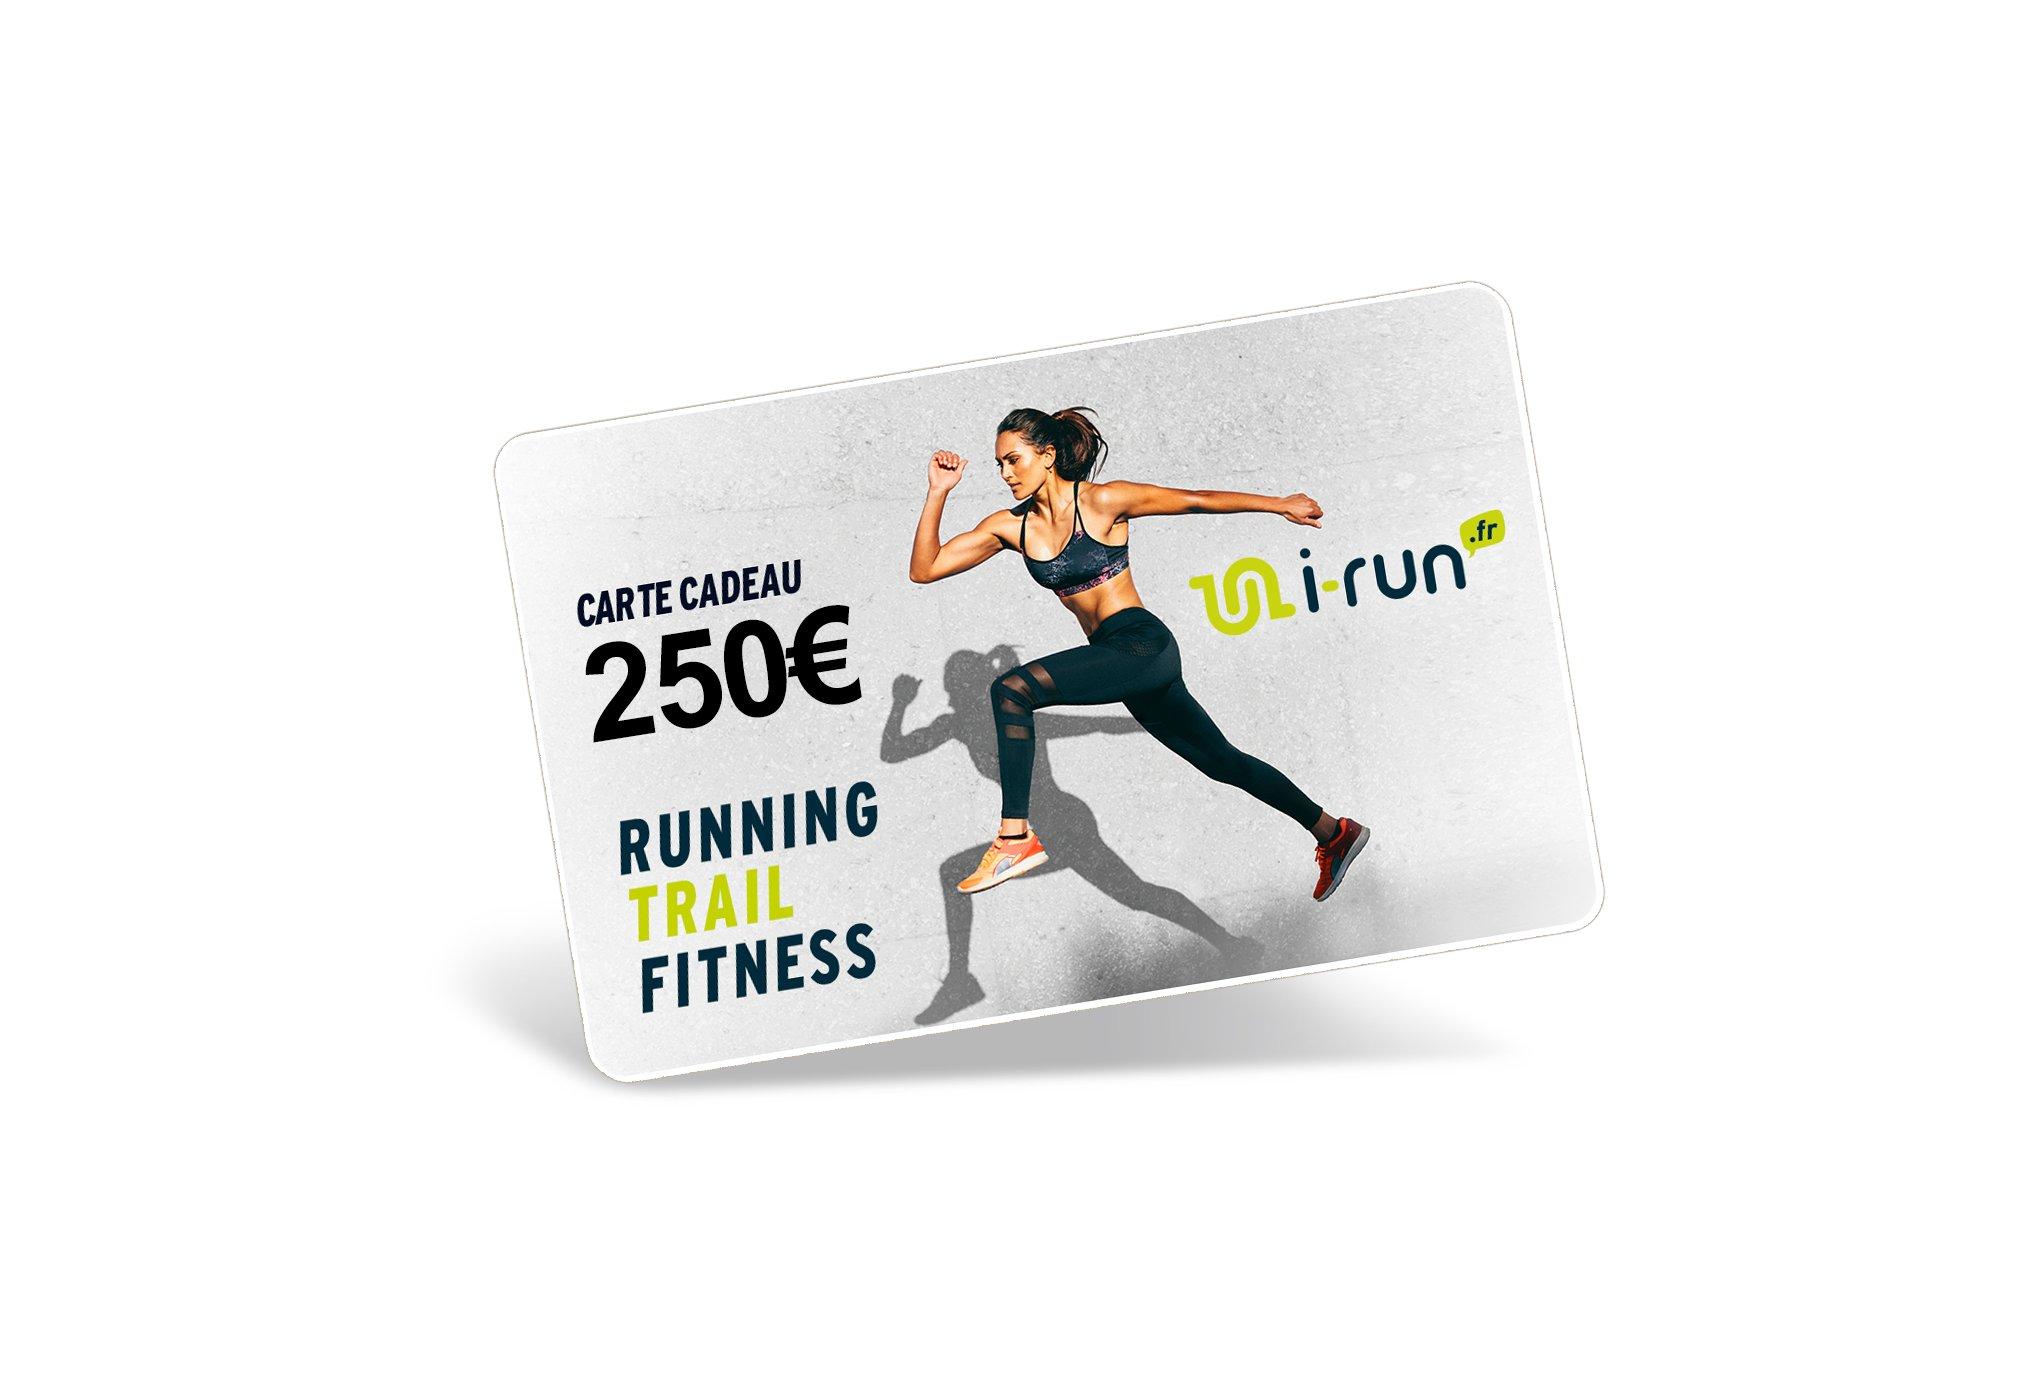 i-run.fr Carte Cadeau 250 W Cartes Cadeau